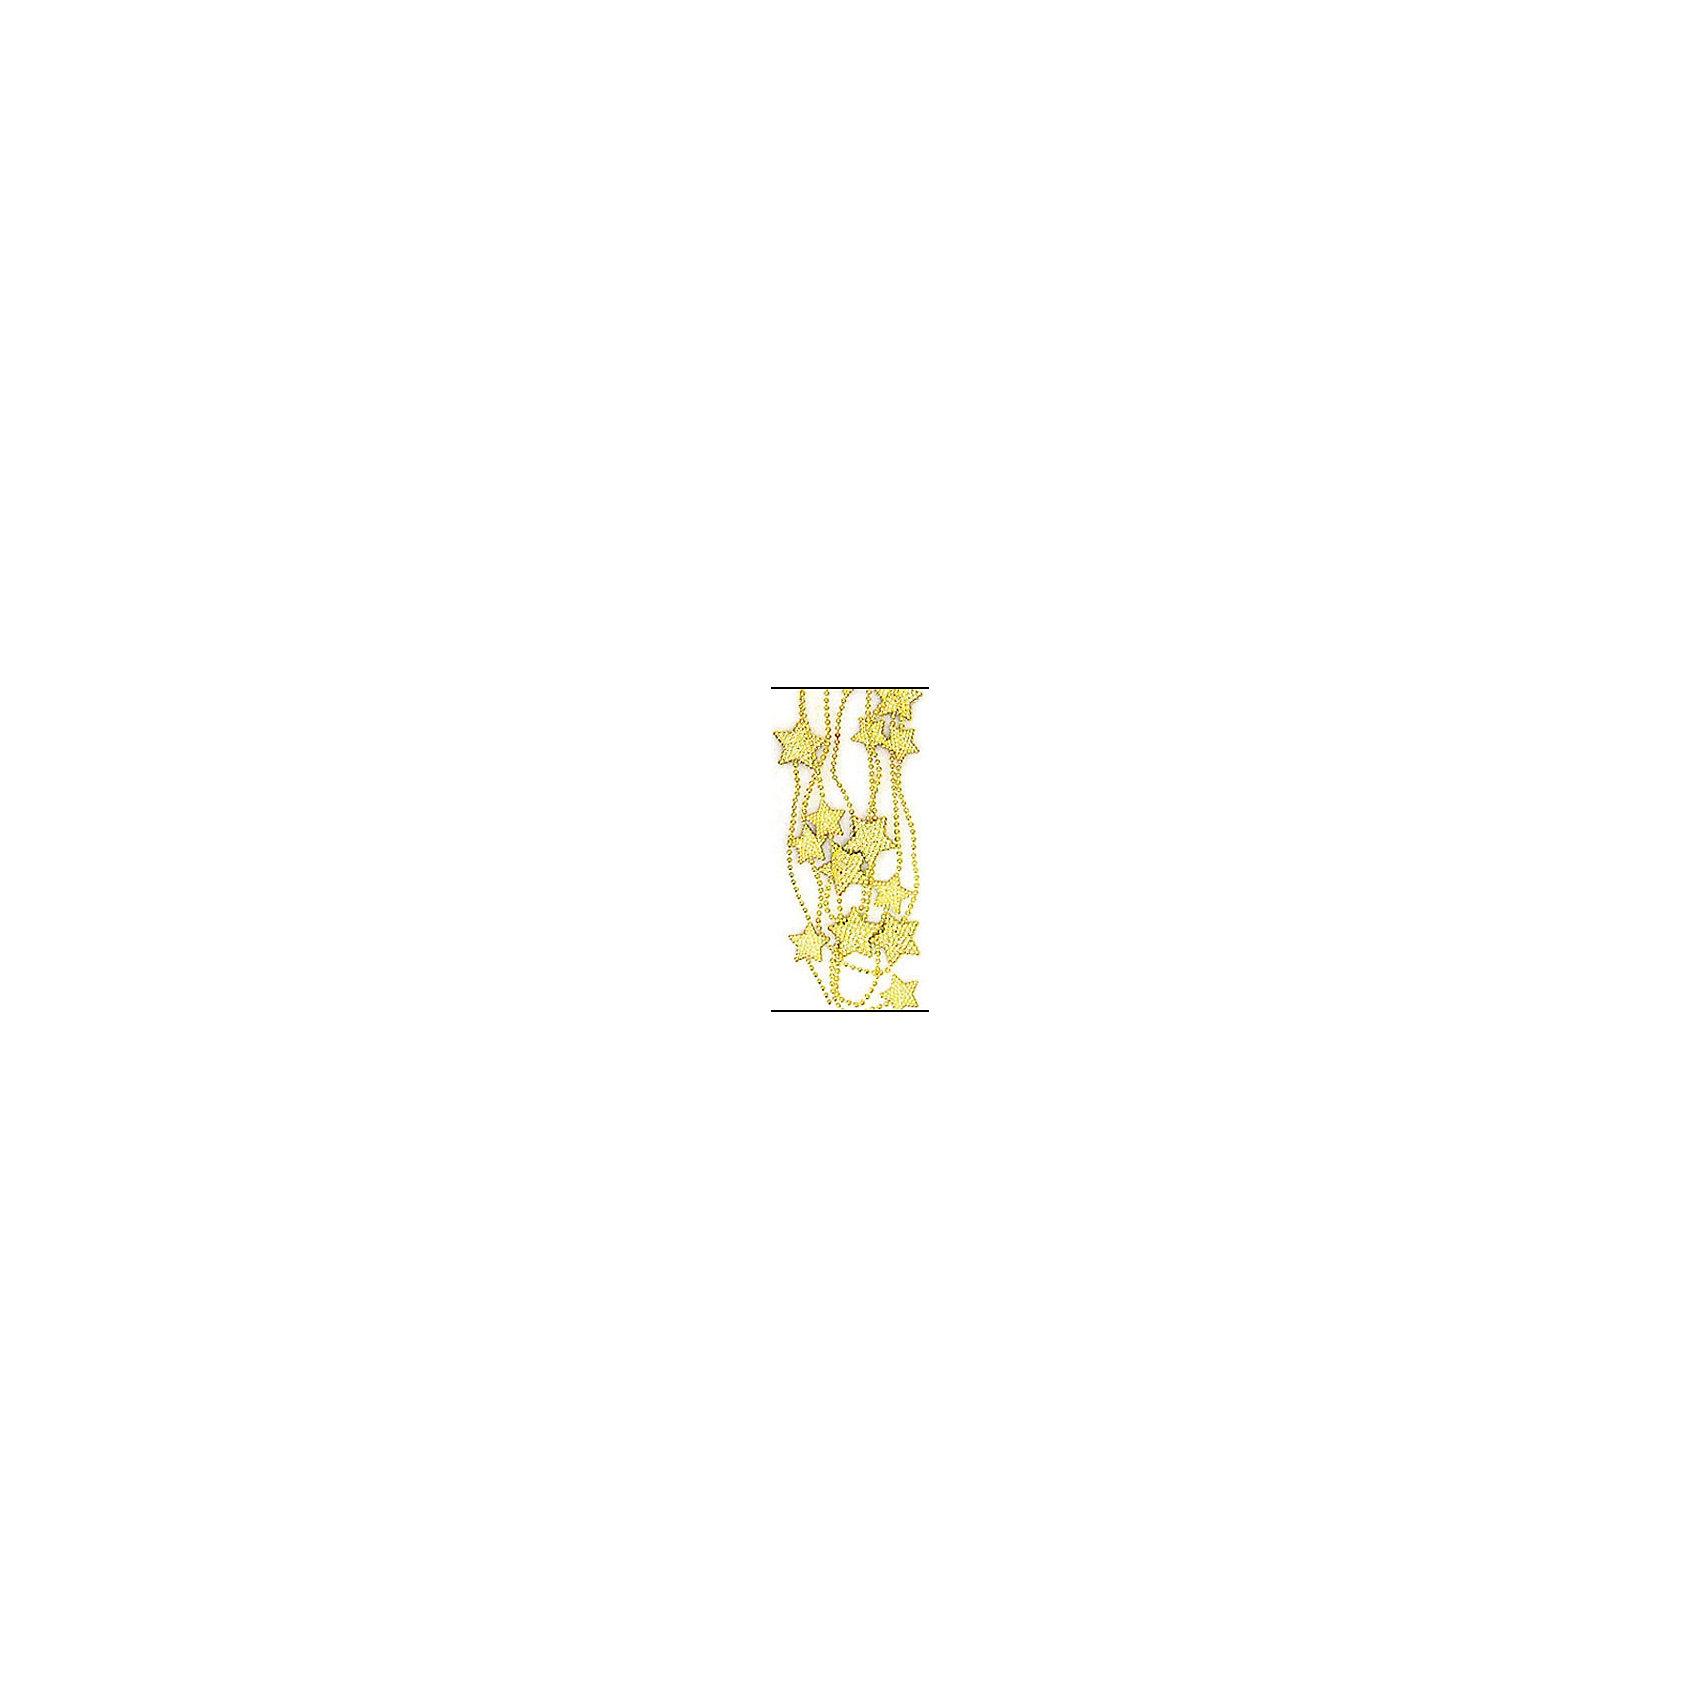 Бусы Звезда 2,5м золотойВсё для праздника<br>Изготовлено из пластмассы. ел.укр. бусы ЗВЕЗДА бол, 2,5м золото<br><br>Ширина мм: 200<br>Глубина мм: 200<br>Высота мм: 10<br>Вес г: 100<br>Возраст от месяцев: 36<br>Возраст до месяцев: 2147483647<br>Пол: Унисекс<br>Возраст: Детский<br>SKU: 5101058